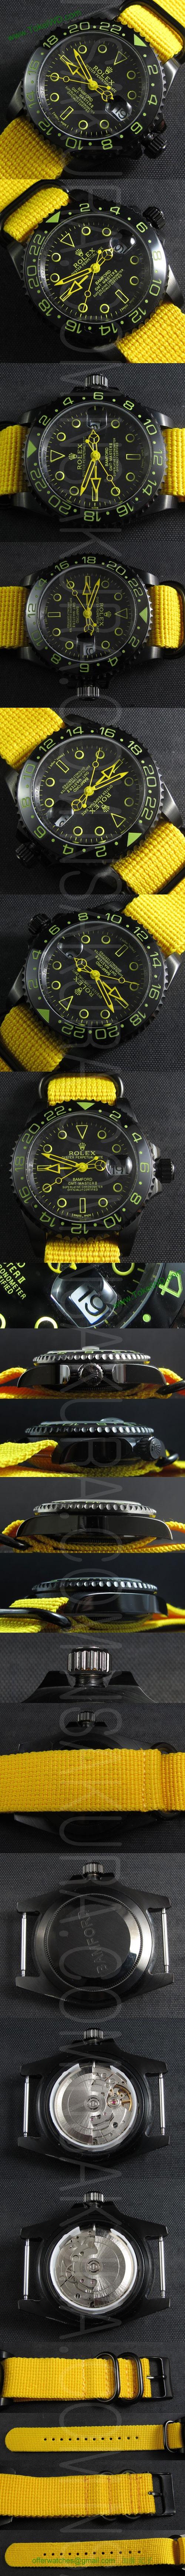 ロレックス HDFH5 コピー 時計